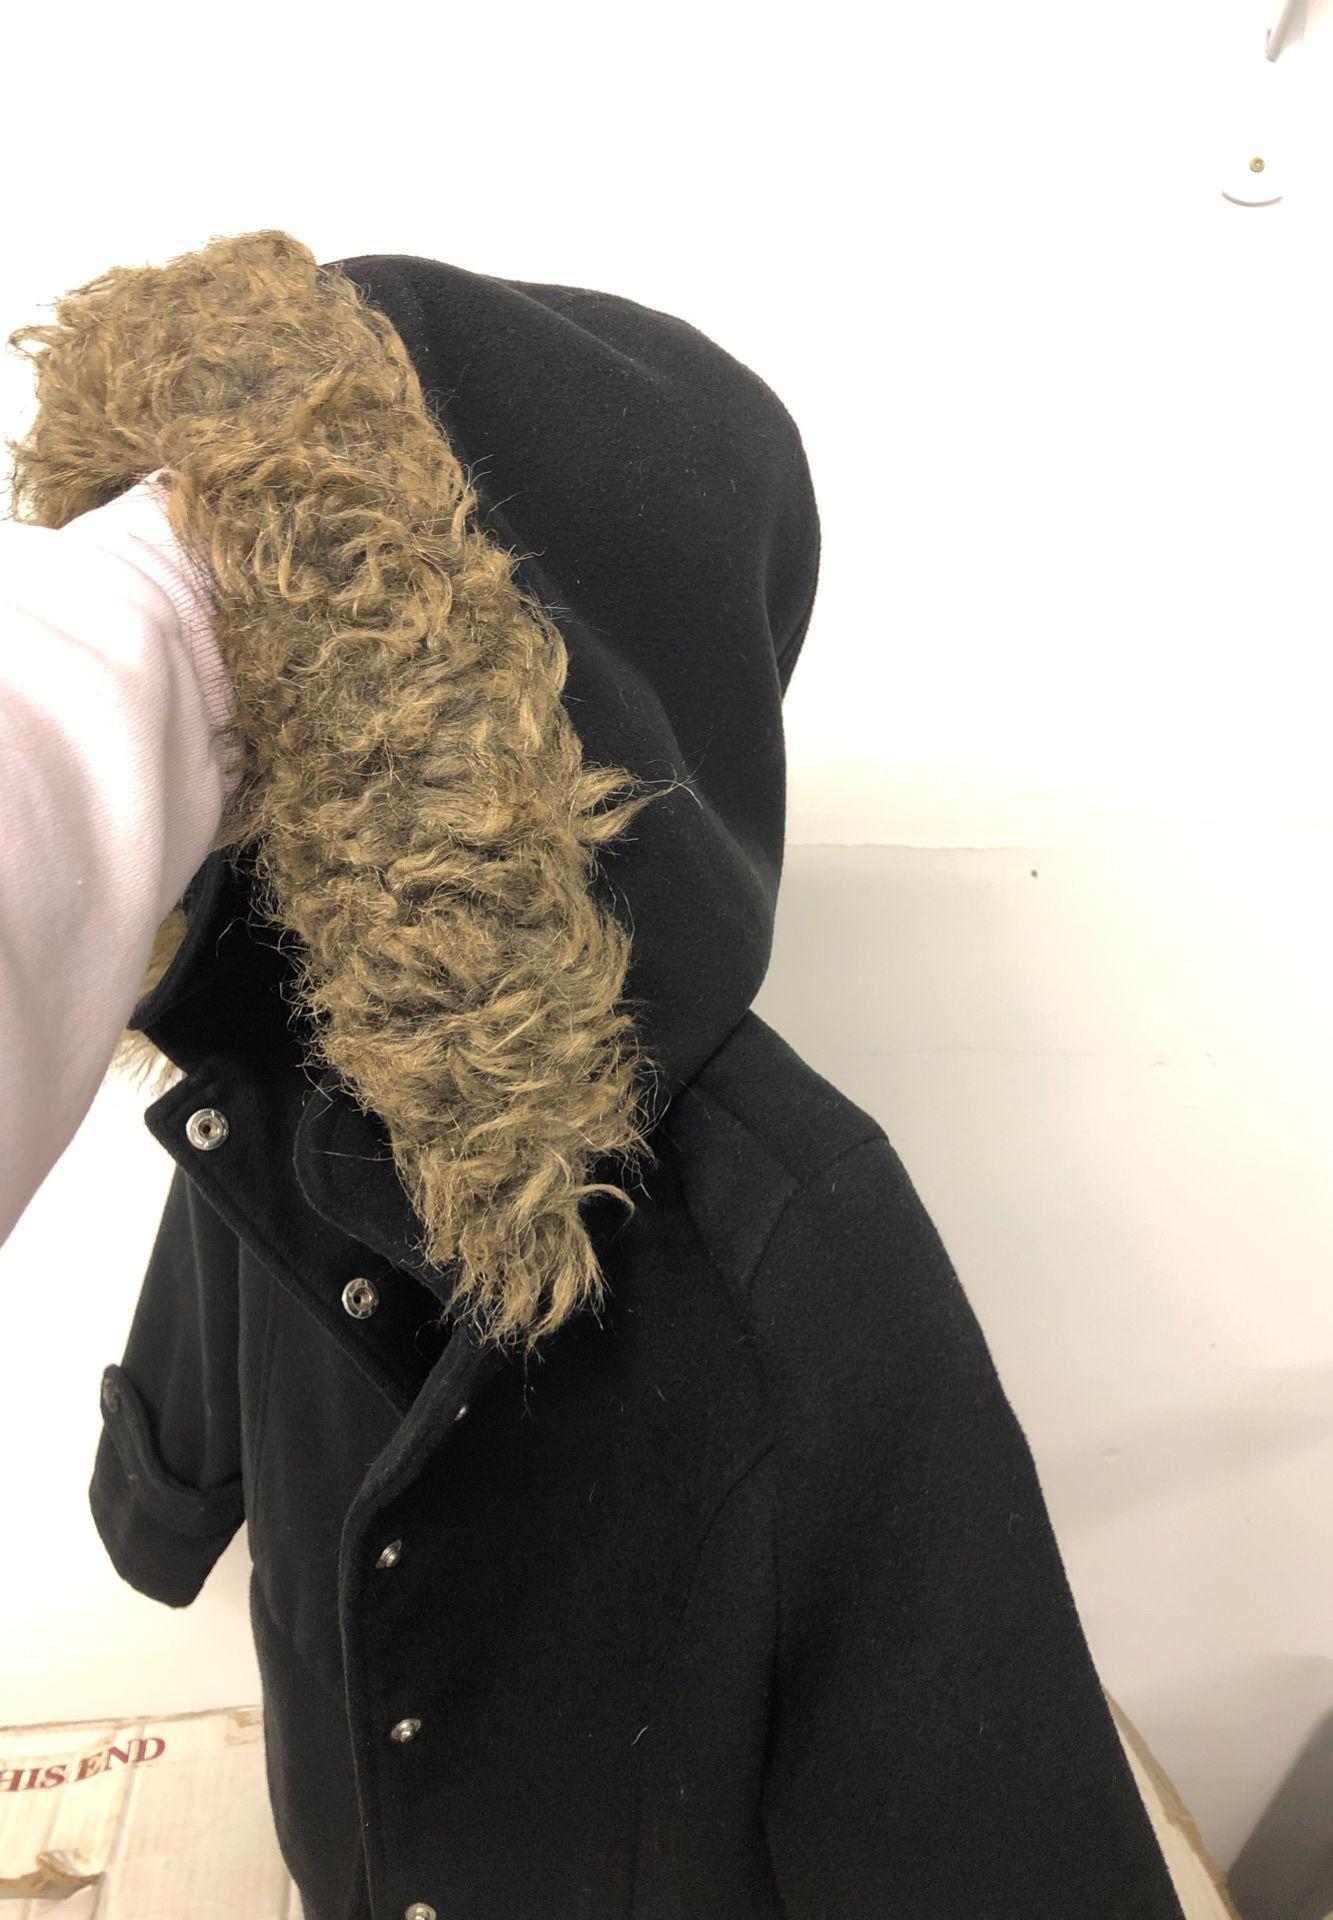 Size 6 Girls Black Jacket